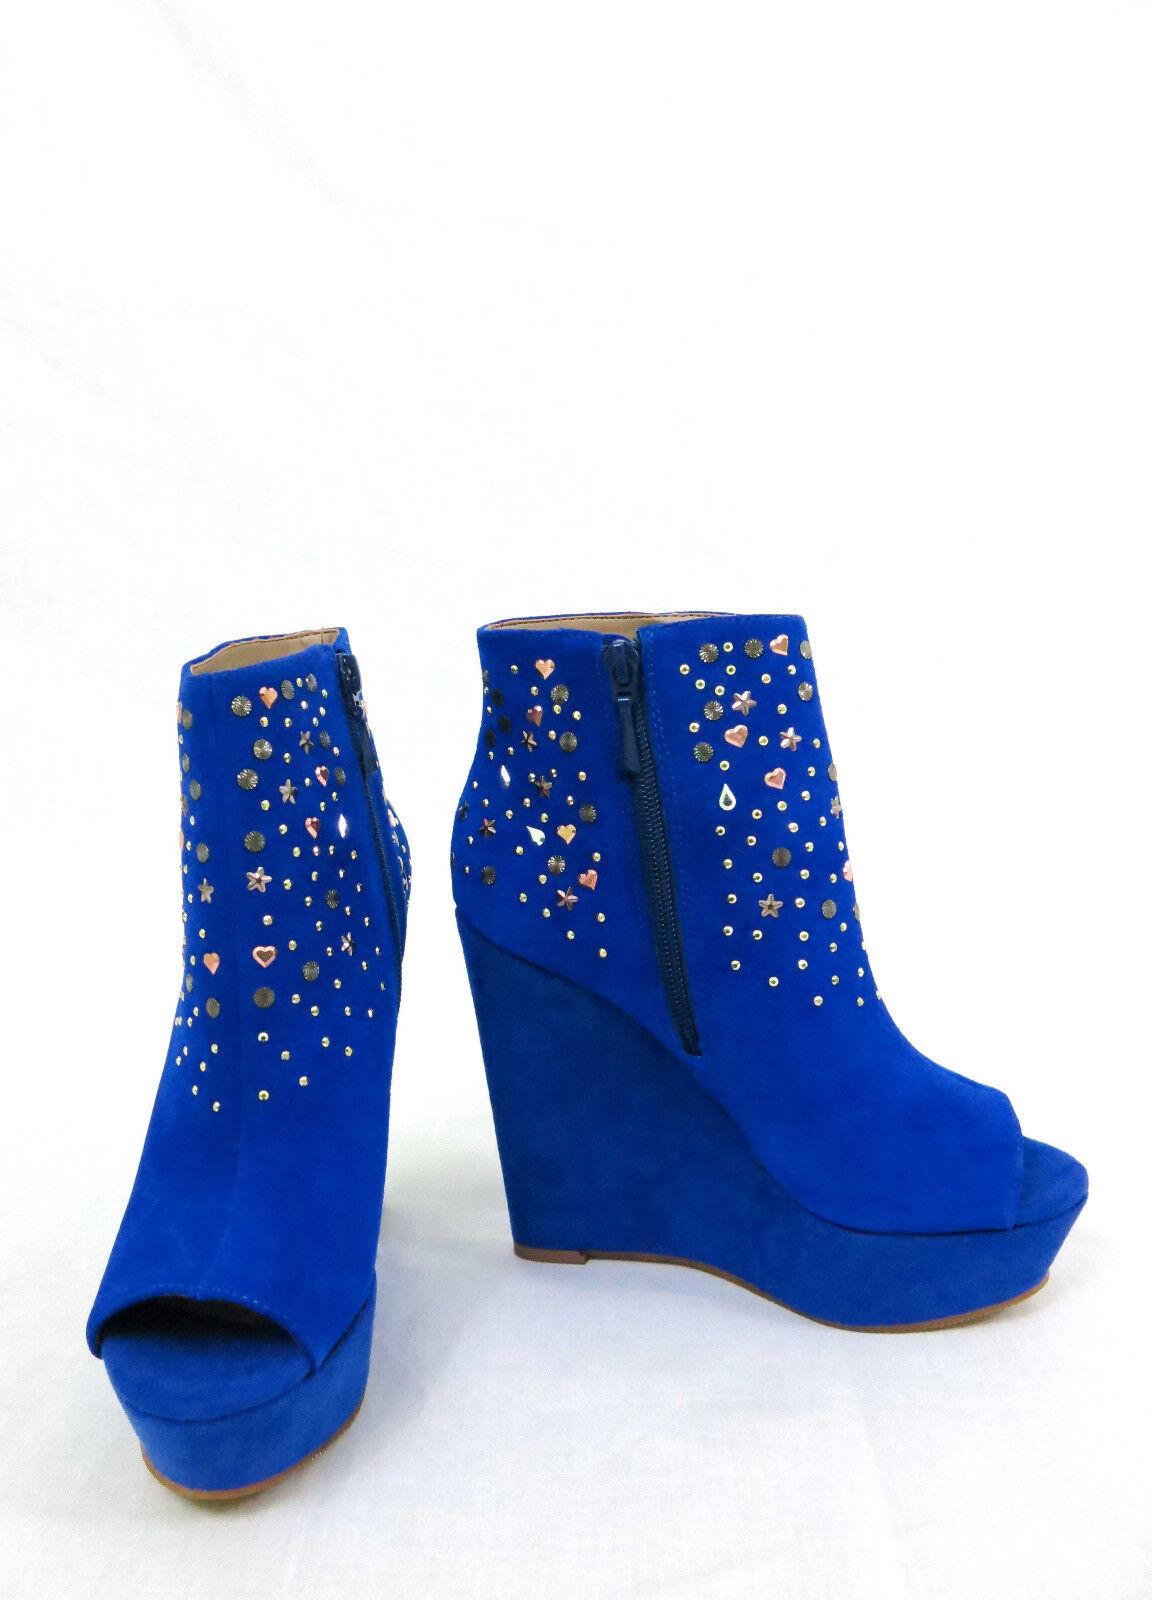 RACHEL ROY Suanna Platform Toe Wedge Ankle Booties Peep Toe Platform Studs Suede Blau 6 53d113